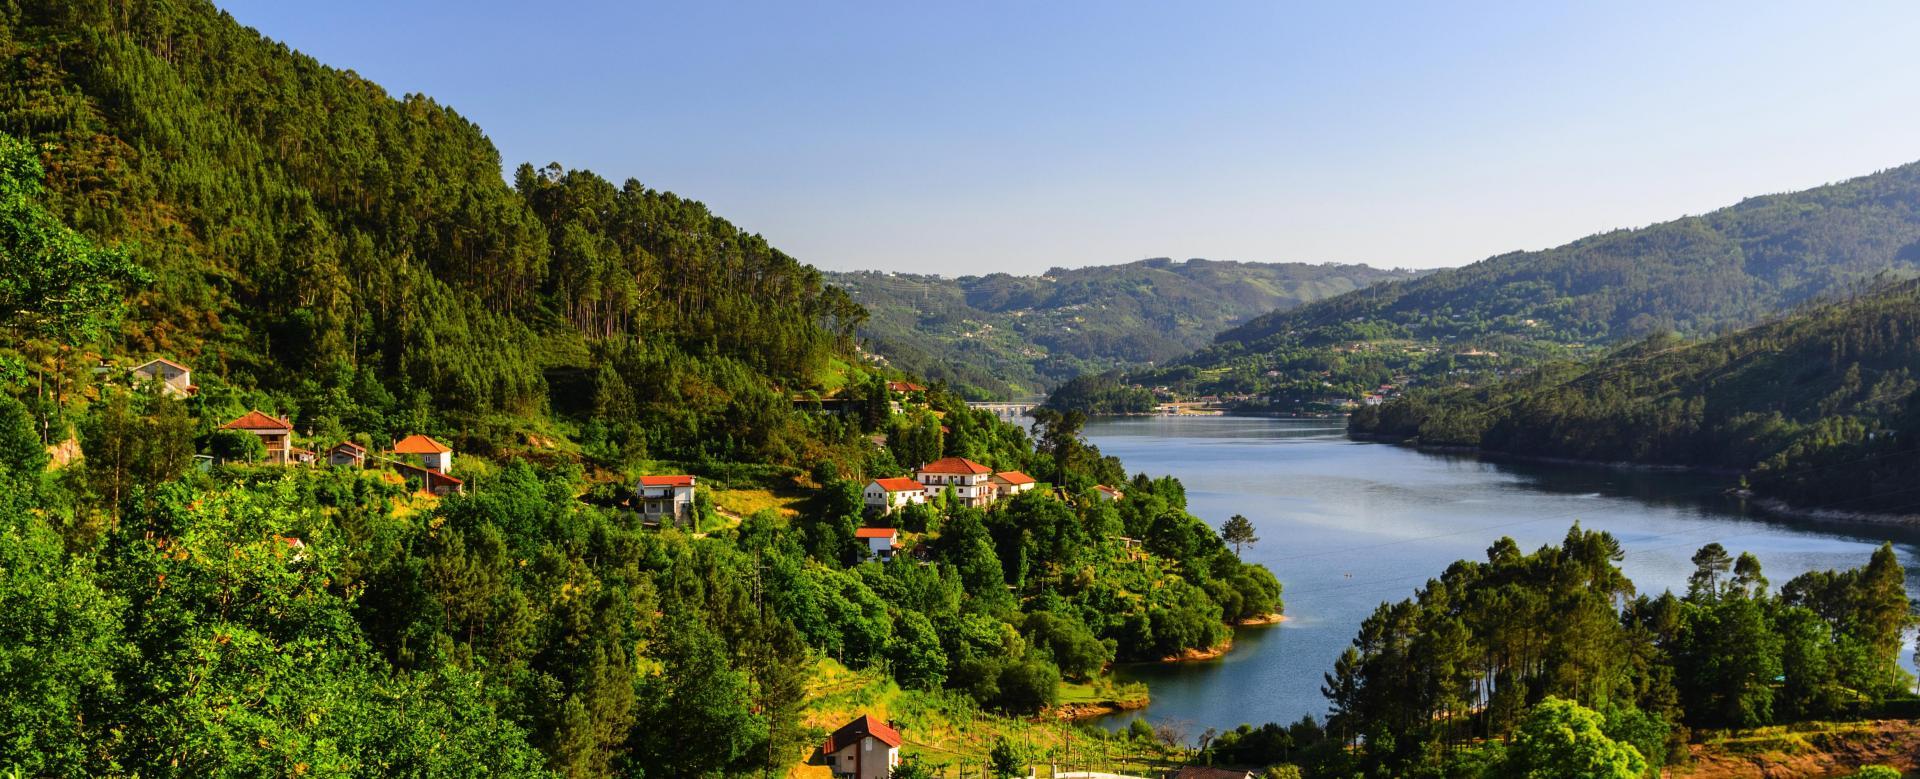 Voyage sur l'eau : Porto, alto minho et la côte celte